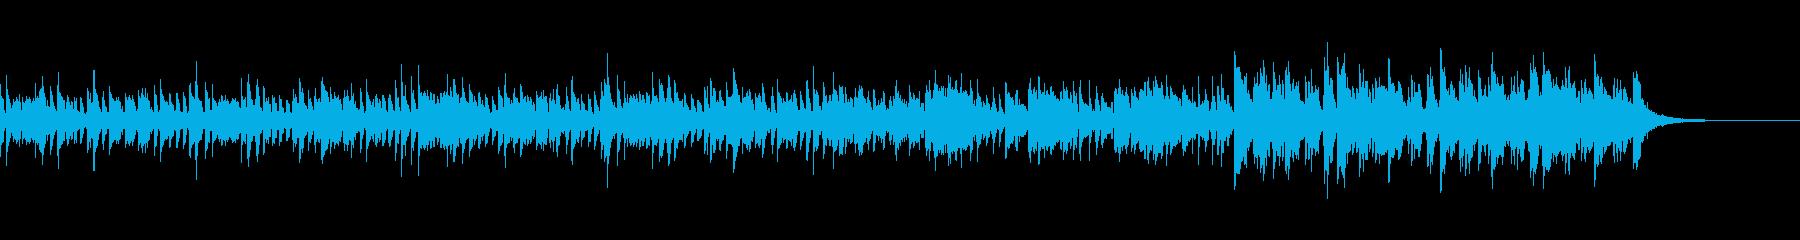 ささやかなボサノバ風BGMの再生済みの波形